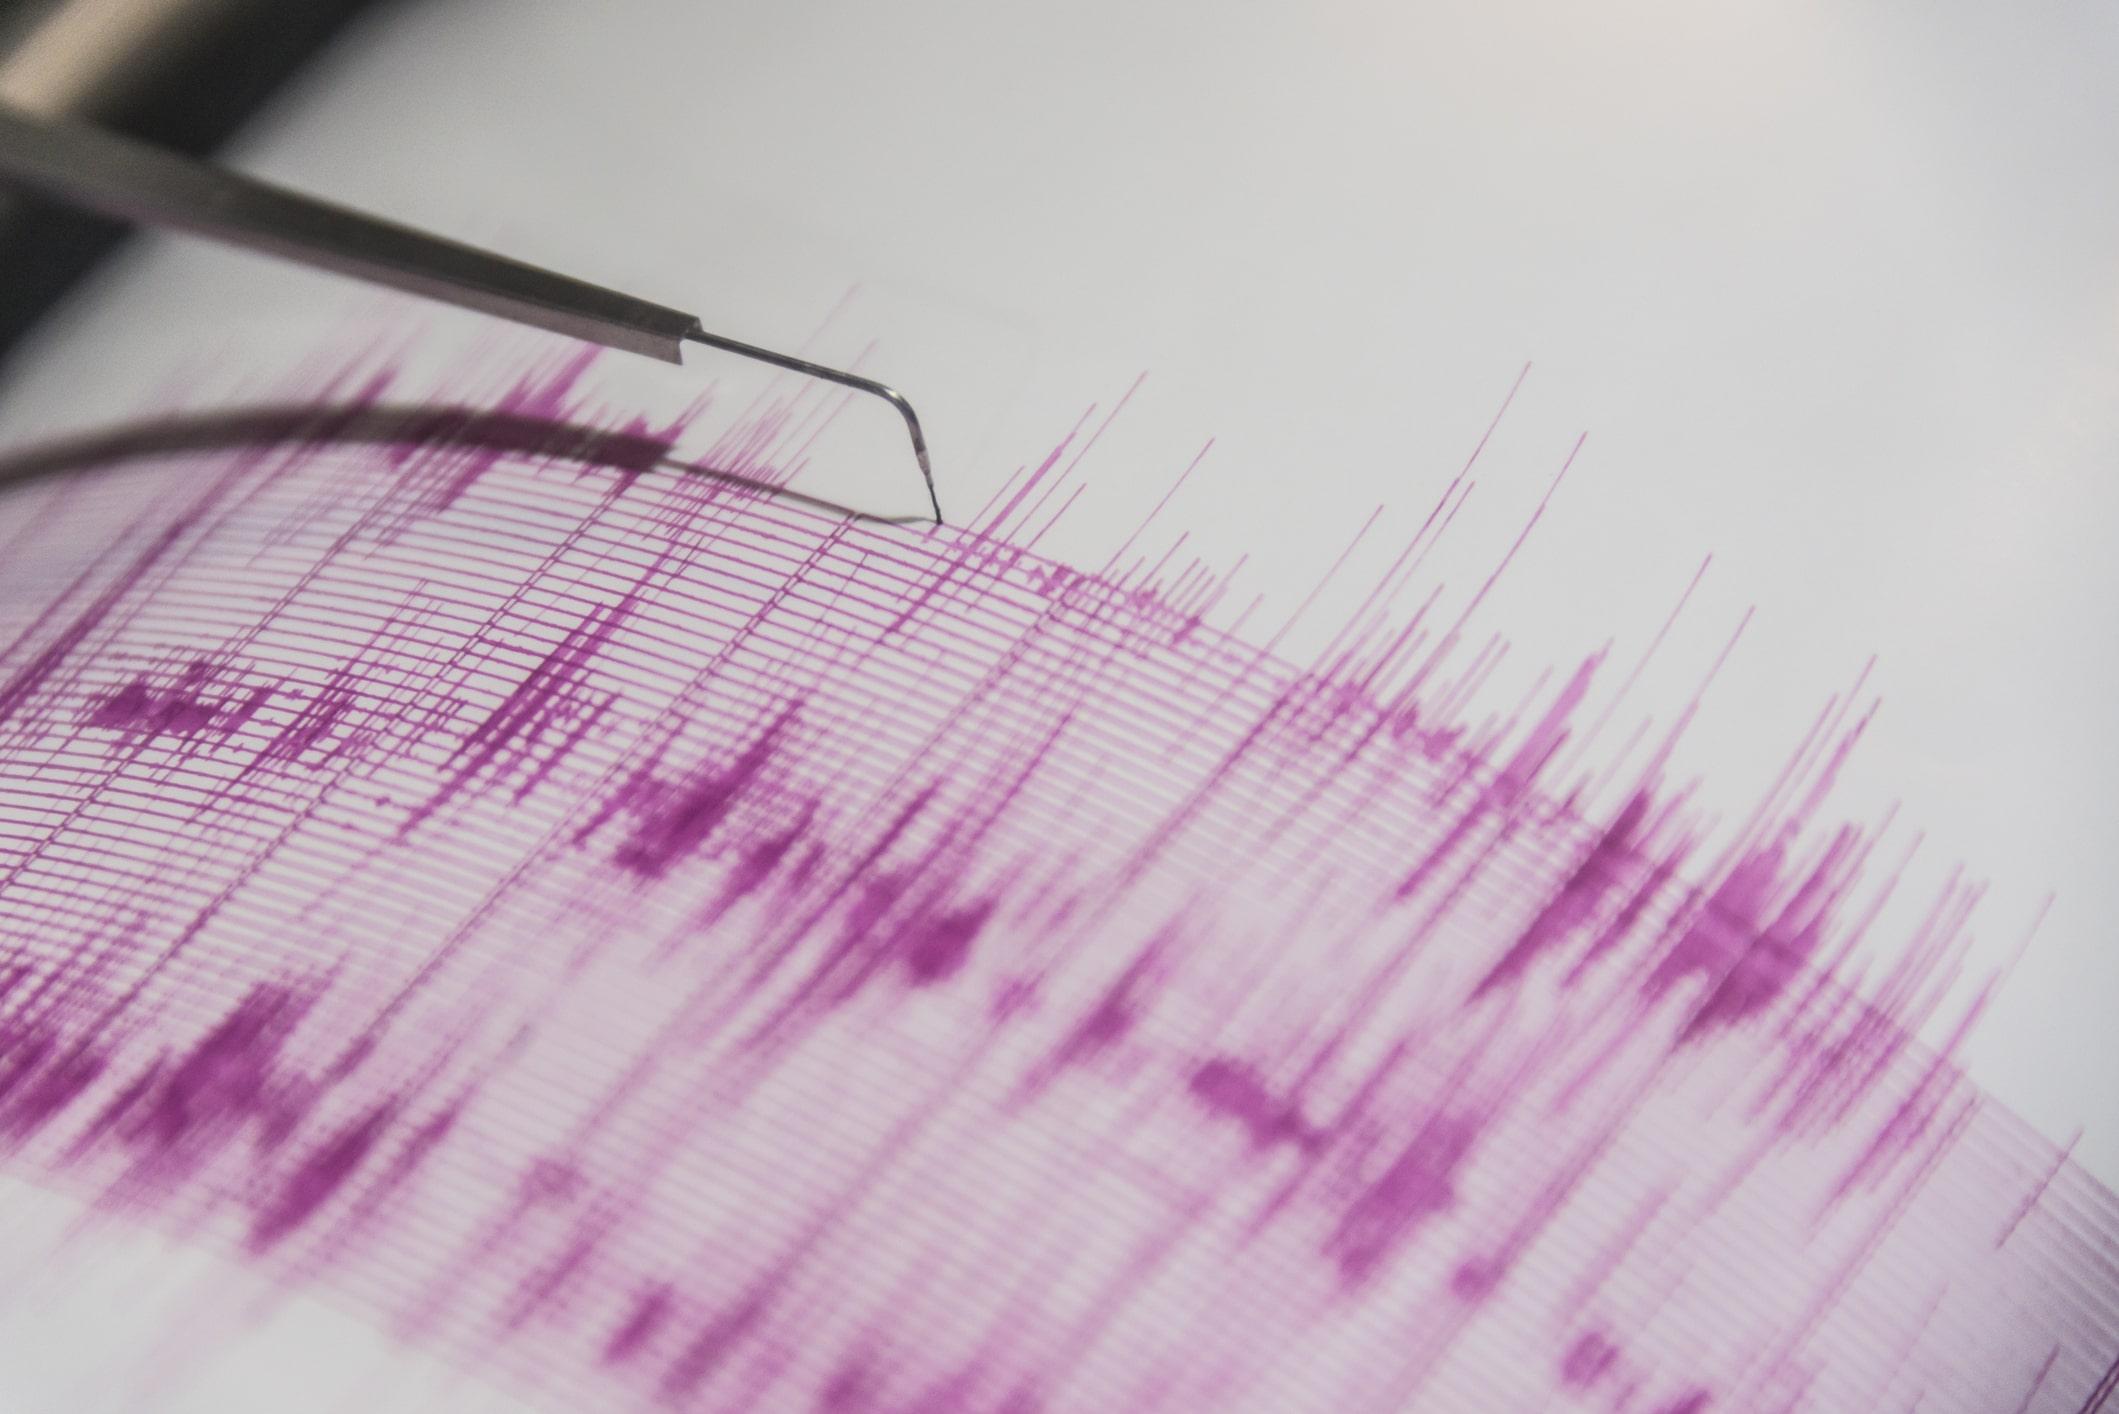 Cutremur de magnitudine 7 înregistrat în sud-estul arhipelagului filipinez